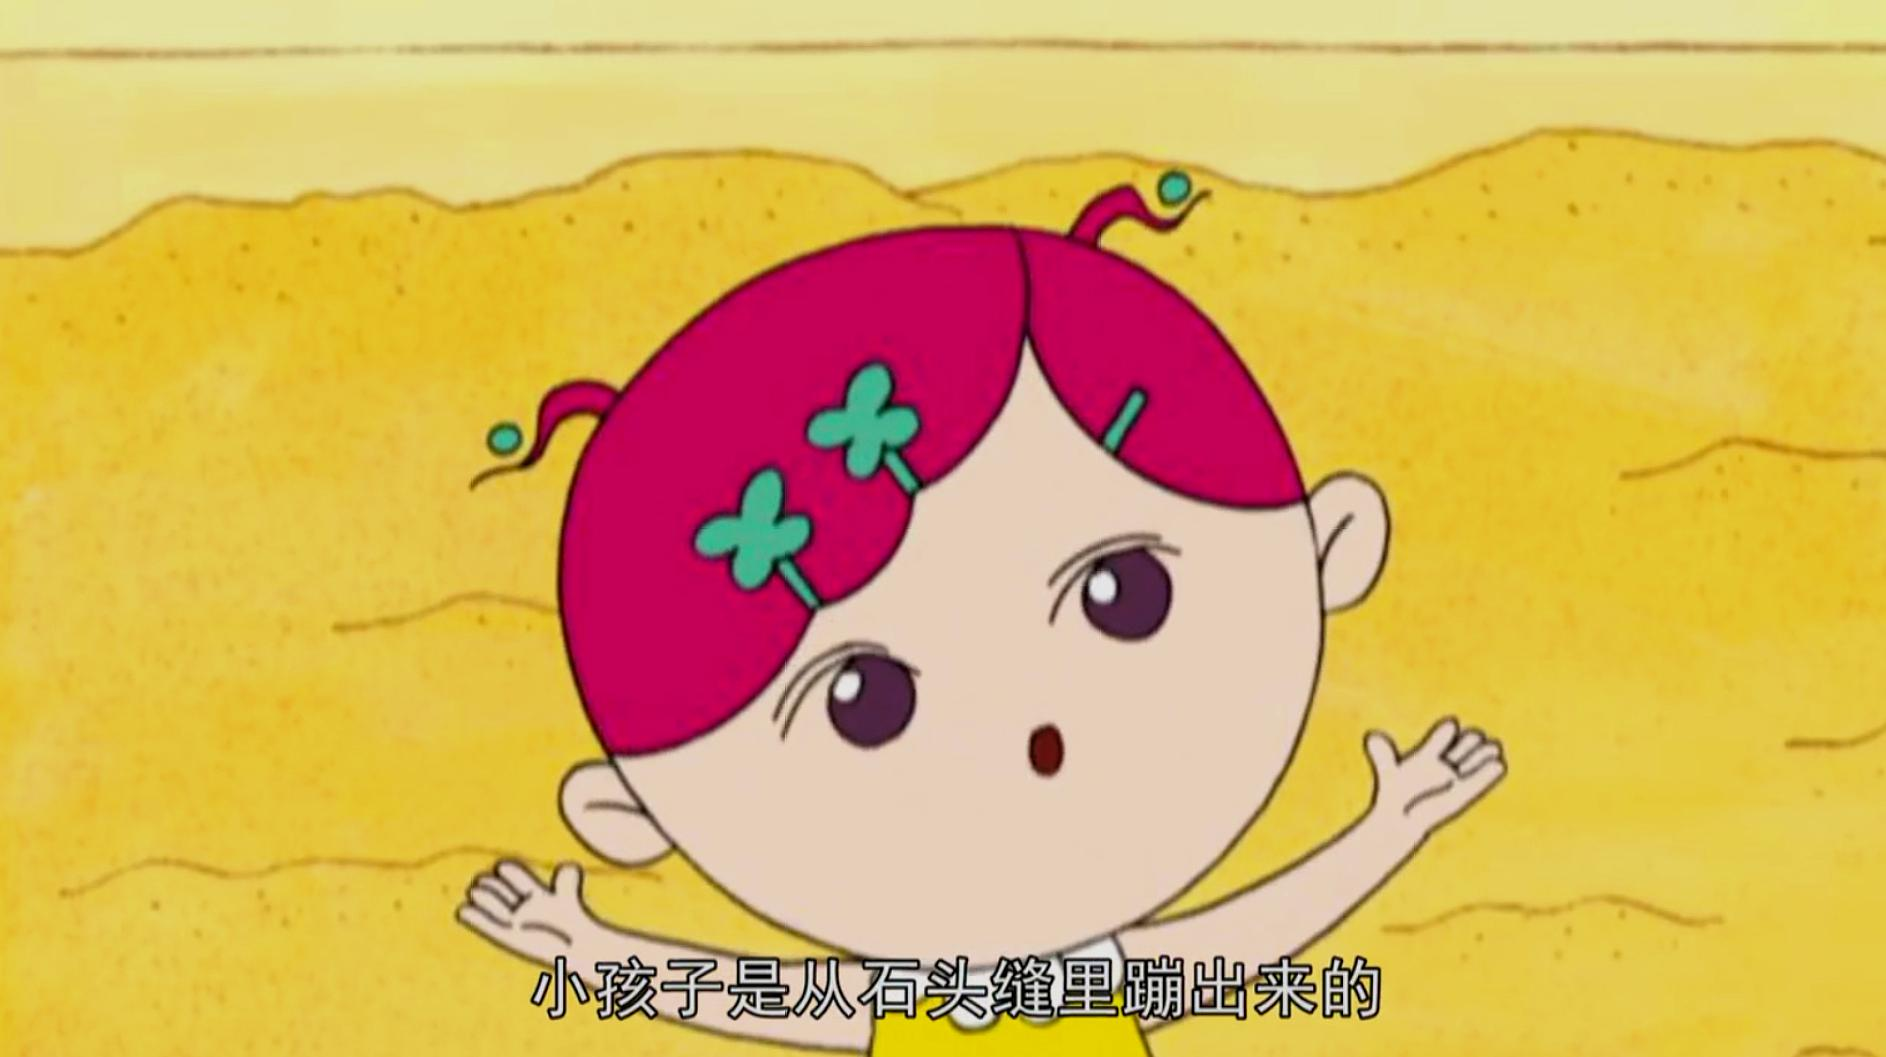 2《大耳朵图图》剧情介绍:图图要代表留在幼儿园的小朋友上台发言,这